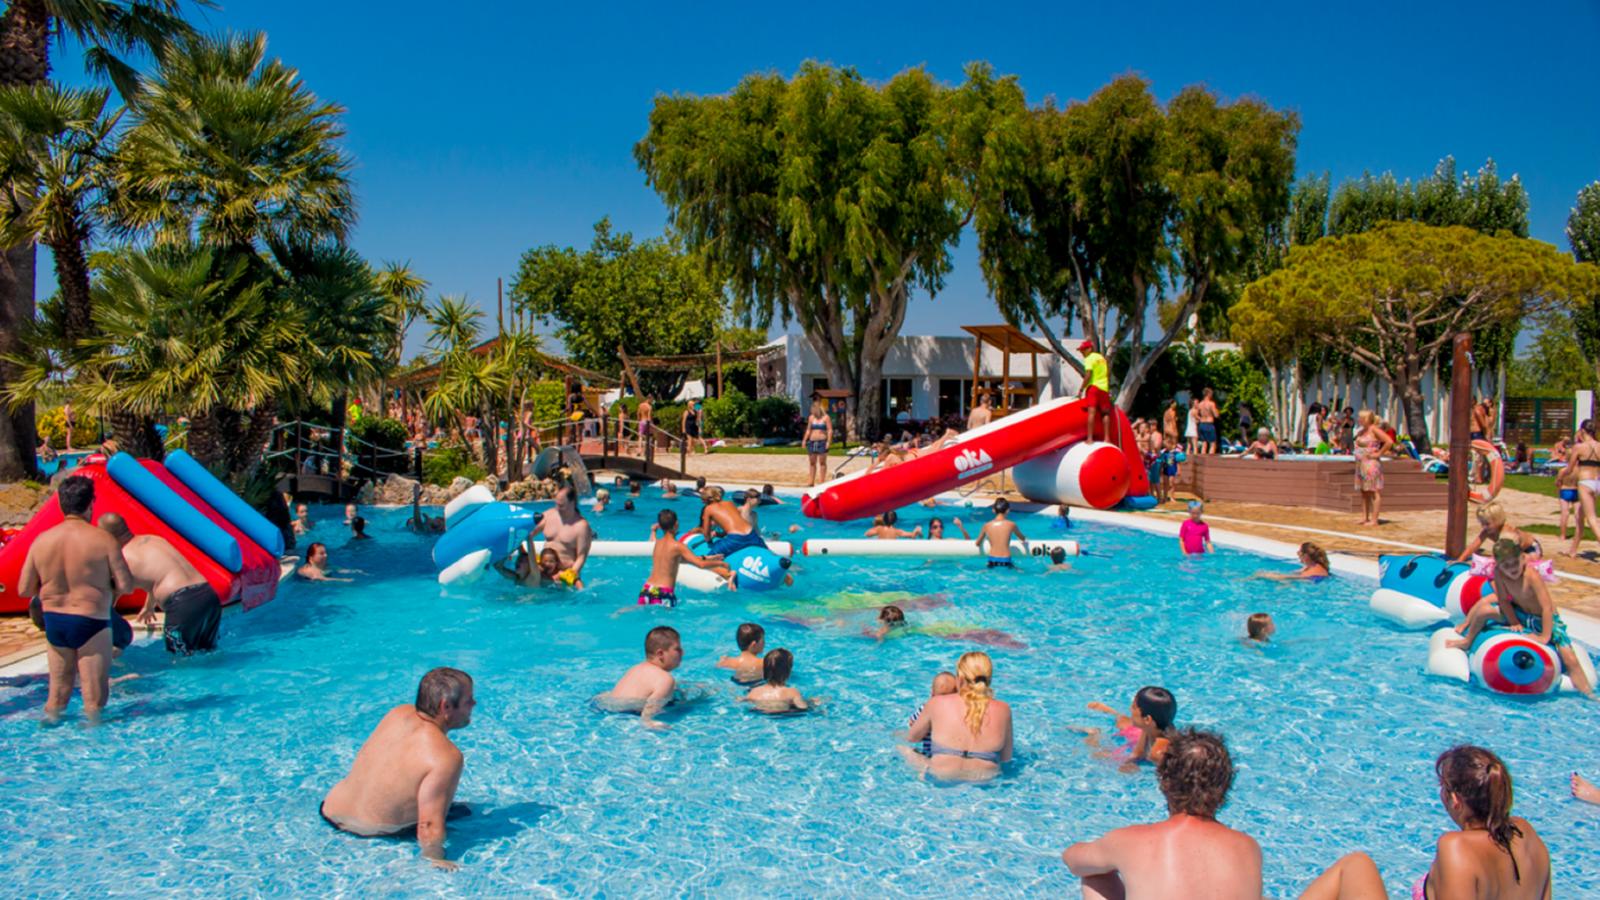 Camping Spanje met zwembad